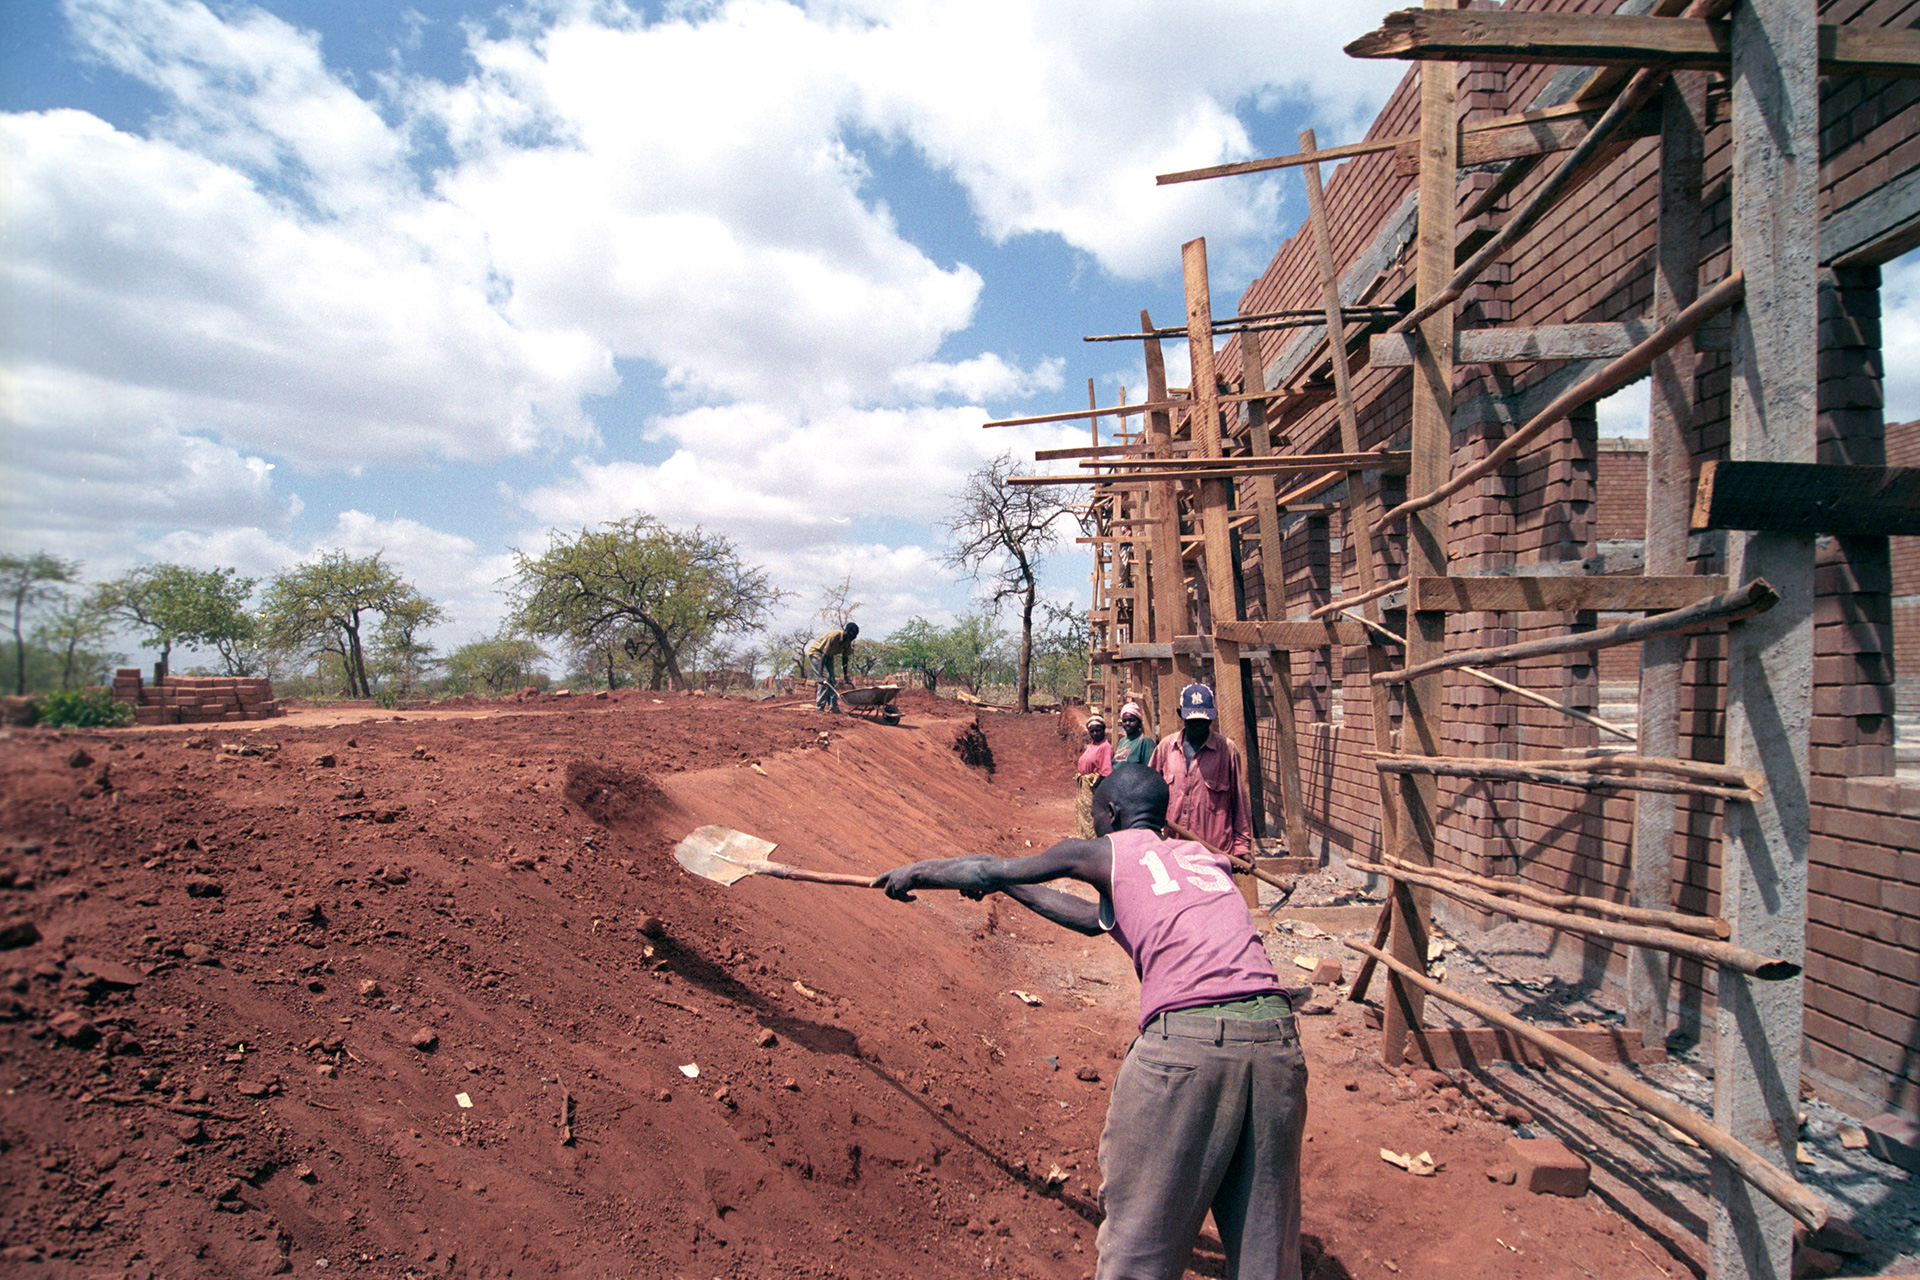 Villaggio in costruzione - Nairobi : Stefano Cardone Photographer Reportage